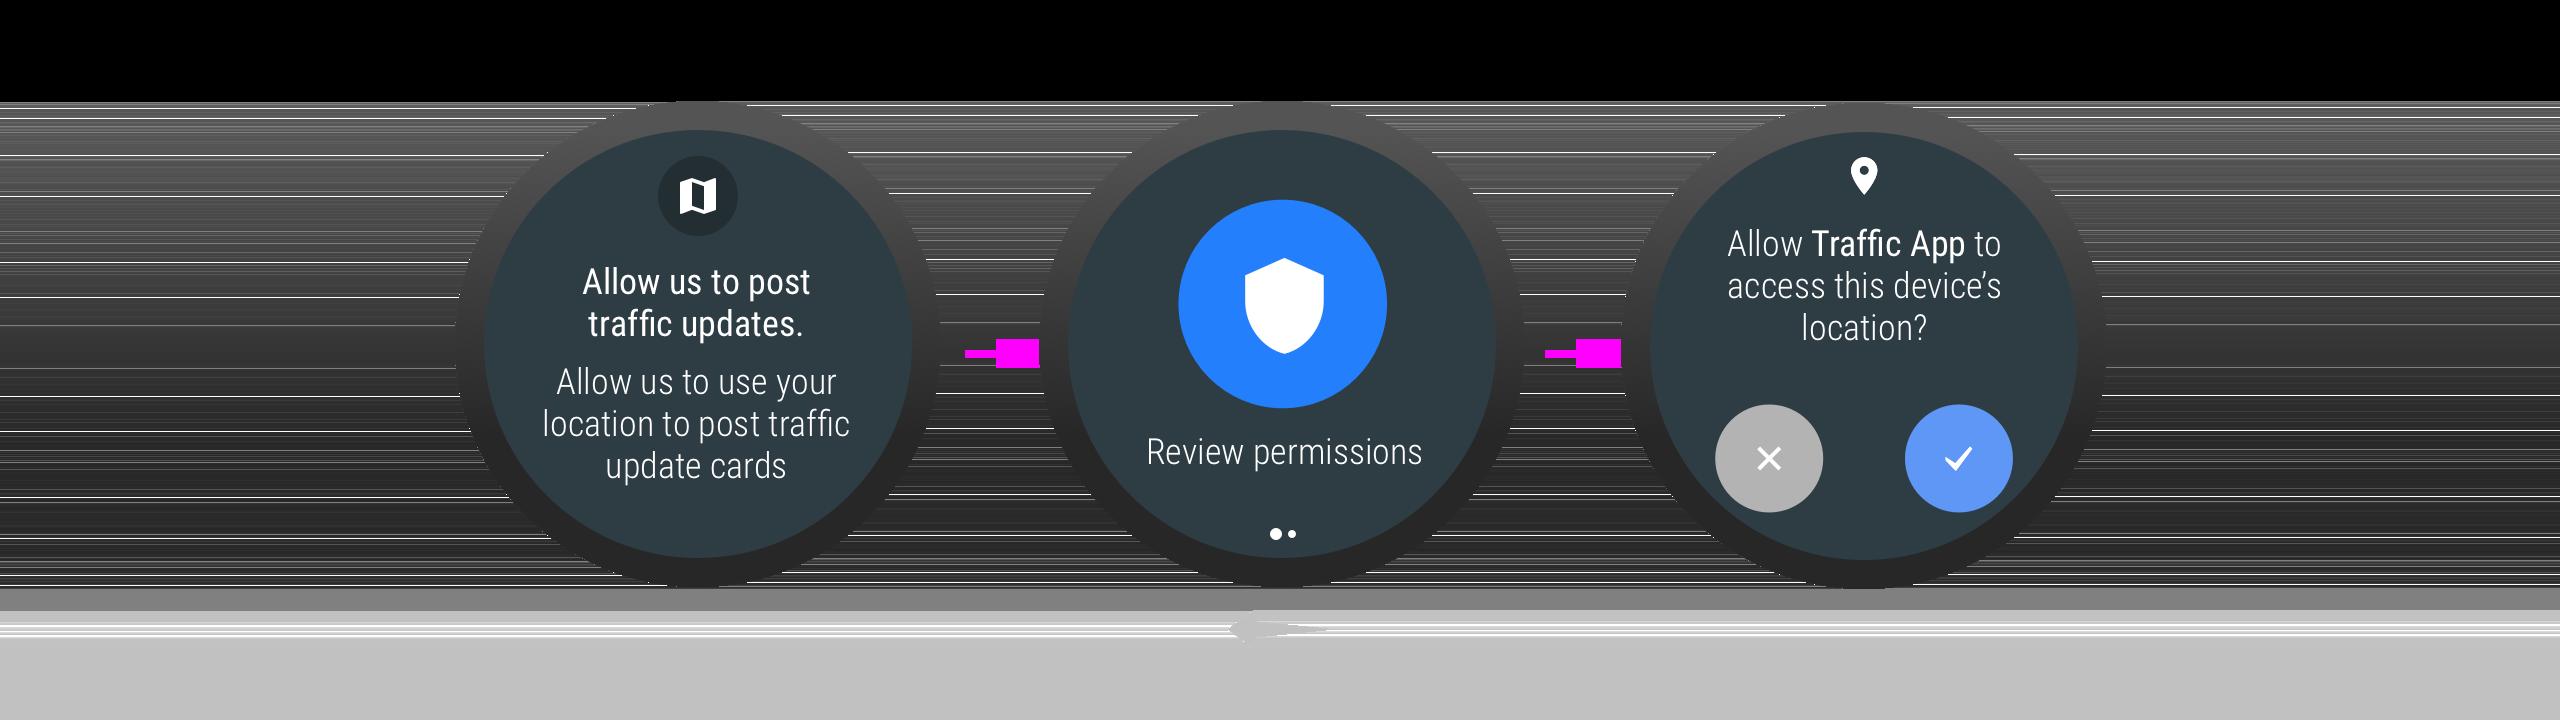 用户可能需要在通过服务与应用间接互动时授予权限。